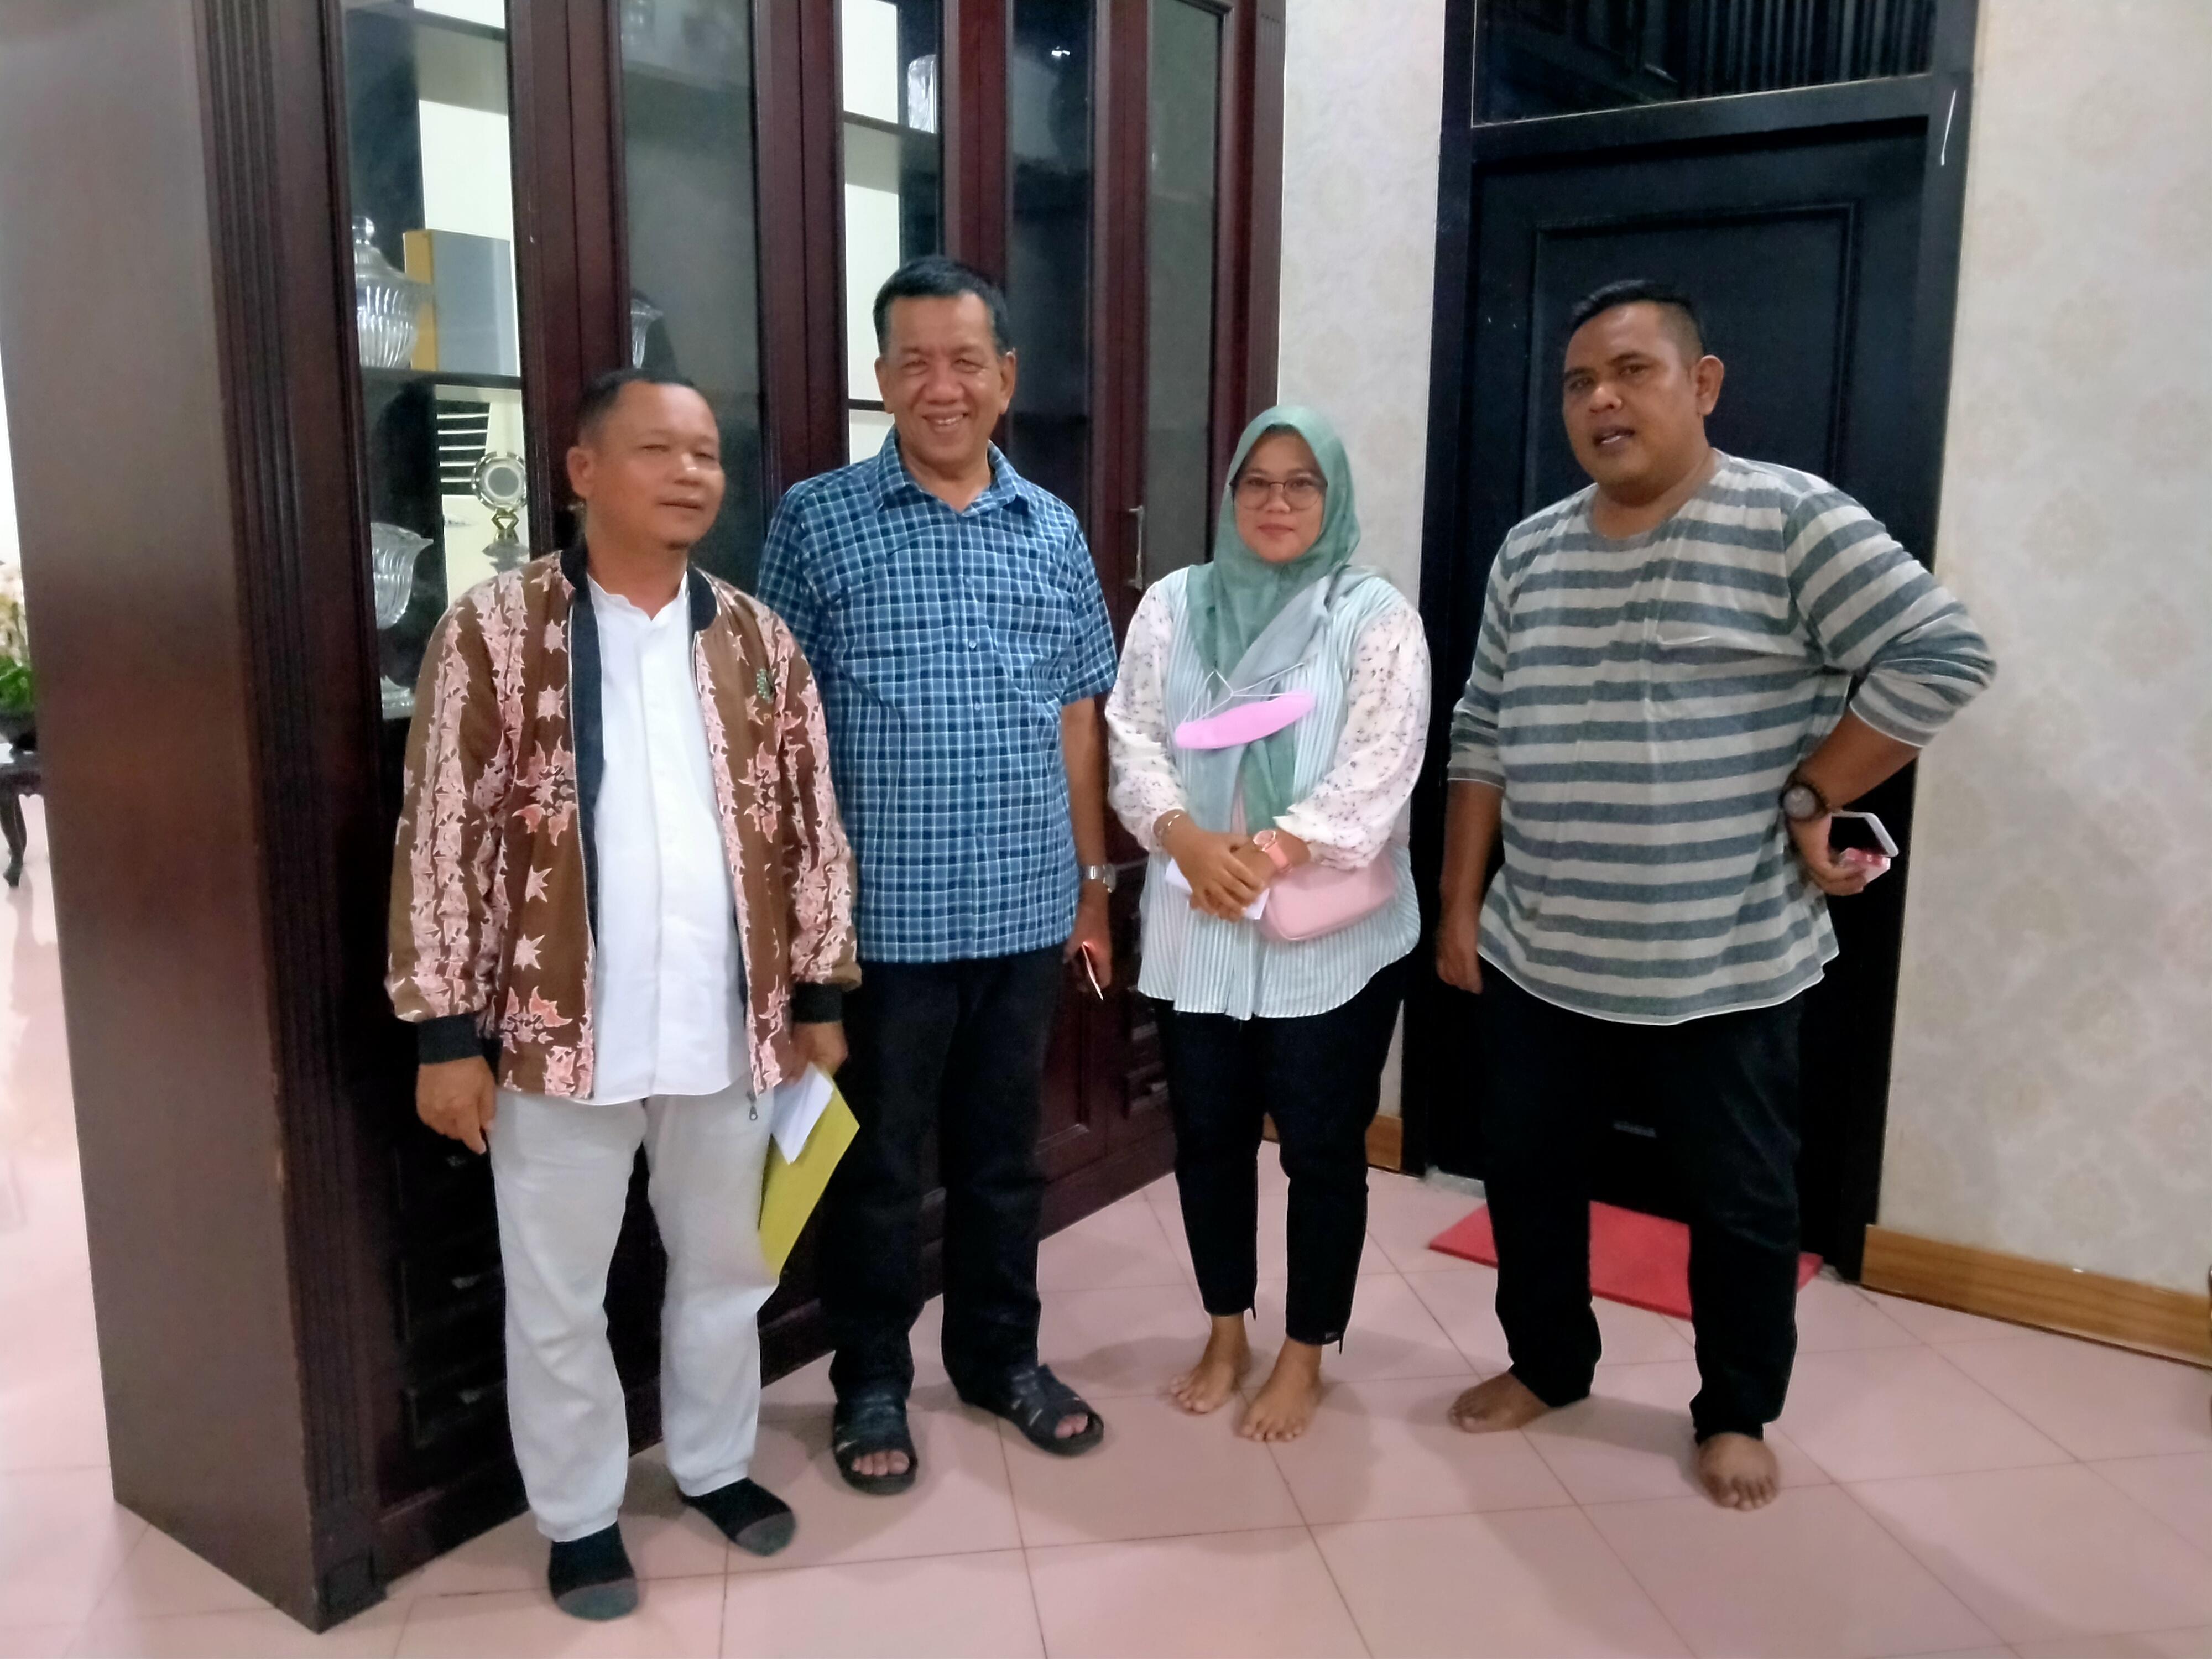 Bupati Rusma Yul Anwar Akan Buka Kegiatan Vaksinasi Massal Di Islamic Center Sago